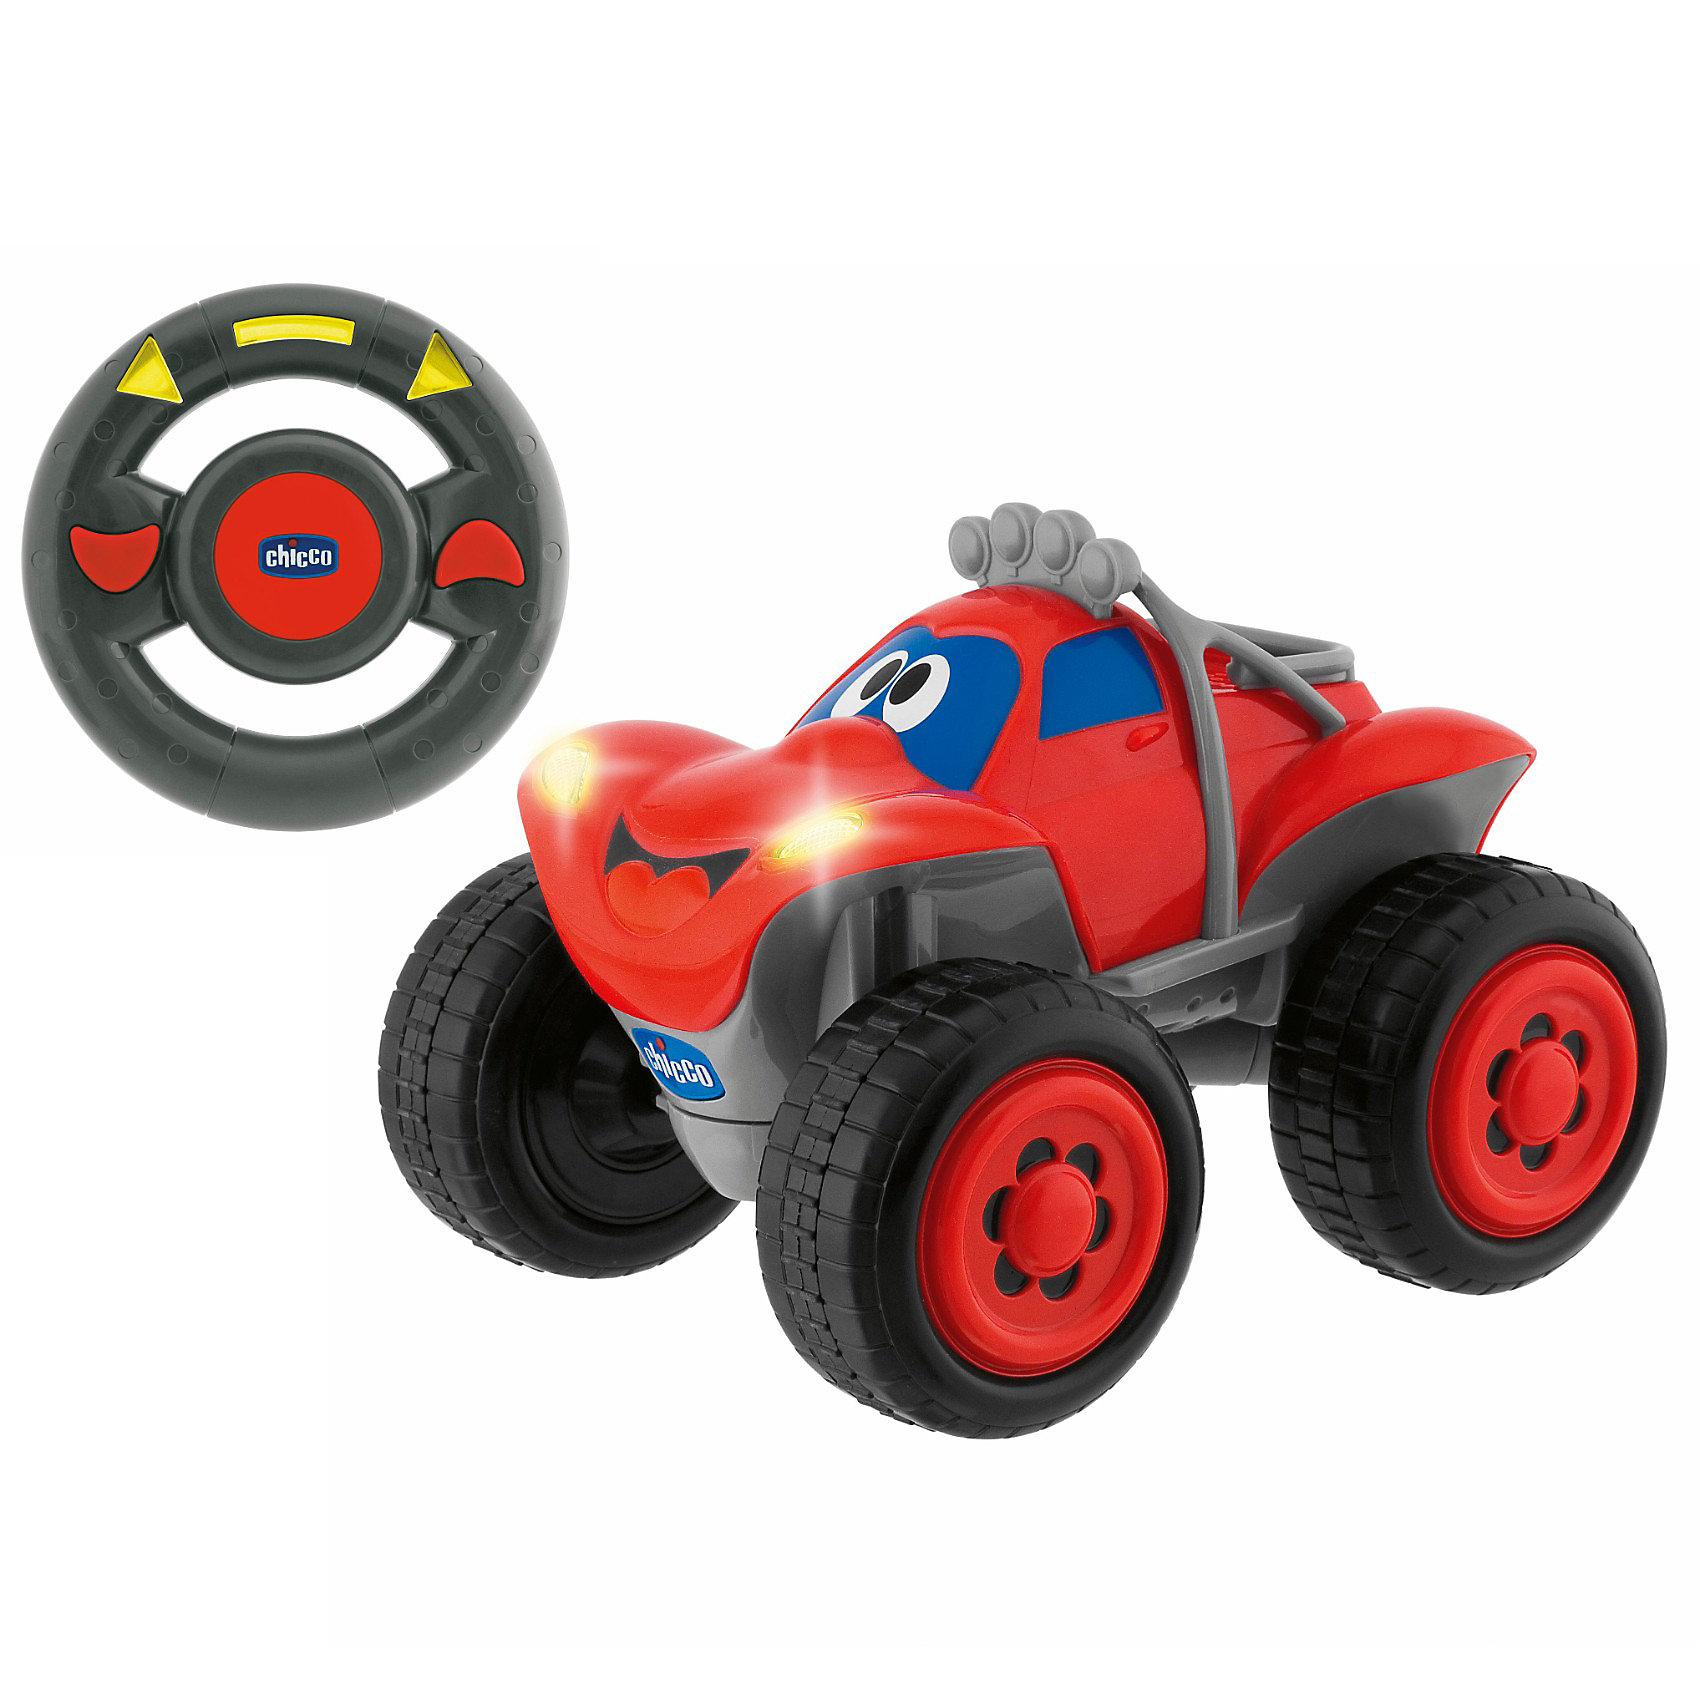 Машинка Билли-большие колеса, красная, ChiccoМашинки<br>Машинка Билли-большие колеса Chicco (Чико) - радиоуправляемая машинка с интуитивным управлением для маленьких гонщиков!<br><br>Билли - это абсолютная новинка в мире радиоуправляемых моделей, т.к. подобных управлений до этого не существовало! Билли оснащен революционным интуитивным управлением, чтобы ребенок мог почувствовать себя за рулем настоящего джипа! Пульт радиоуправления в форме руля позволяет выбирать направление движения простым поворотом руля. Мотор рычит, клаксон гудит, а фары горят.... как у настоящей машины. <br><br>Возьмите руль в руки и поворачивайте его влево и вправо, как настоящий руль. Билли будет следовать движениям руля. Билли также может ехать прямо или назад. Дополнительно автомобиль будет издавать различные звуки. Для того, чтобы при заднем ходе ничего не случилось, звучит предупреждающий сигнал и огоньки подают соответствующий сигнал. В середине руля находится звуковой сигнал, который поможет предупредить всех о том, что Билли приближается!<br><br>Машинку Билли-большие колеса Chicco можно купить в нашем интернет-магазине.<br><br>Дополнительная информация:<br>- Частота: 40.675 MHz<br>- Размер: прибл. 38х19х20 см<br>- Для работы необходимы 4 батарейки АА и 3 батарейки ААА. В комплект не входят.<br><br>Машинку Билли-большие колеса, красная, Chicco (Чико) можно купить в нашем магазине.<br><br>Ширина мм: 193<br>Глубина мм: 330<br>Высота мм: 218<br>Вес г: 1000<br>Возраст от месяцев: 24<br>Возраст до месяцев: 48<br>Пол: Мужской<br>Возраст: Детский<br>SKU: 2231700